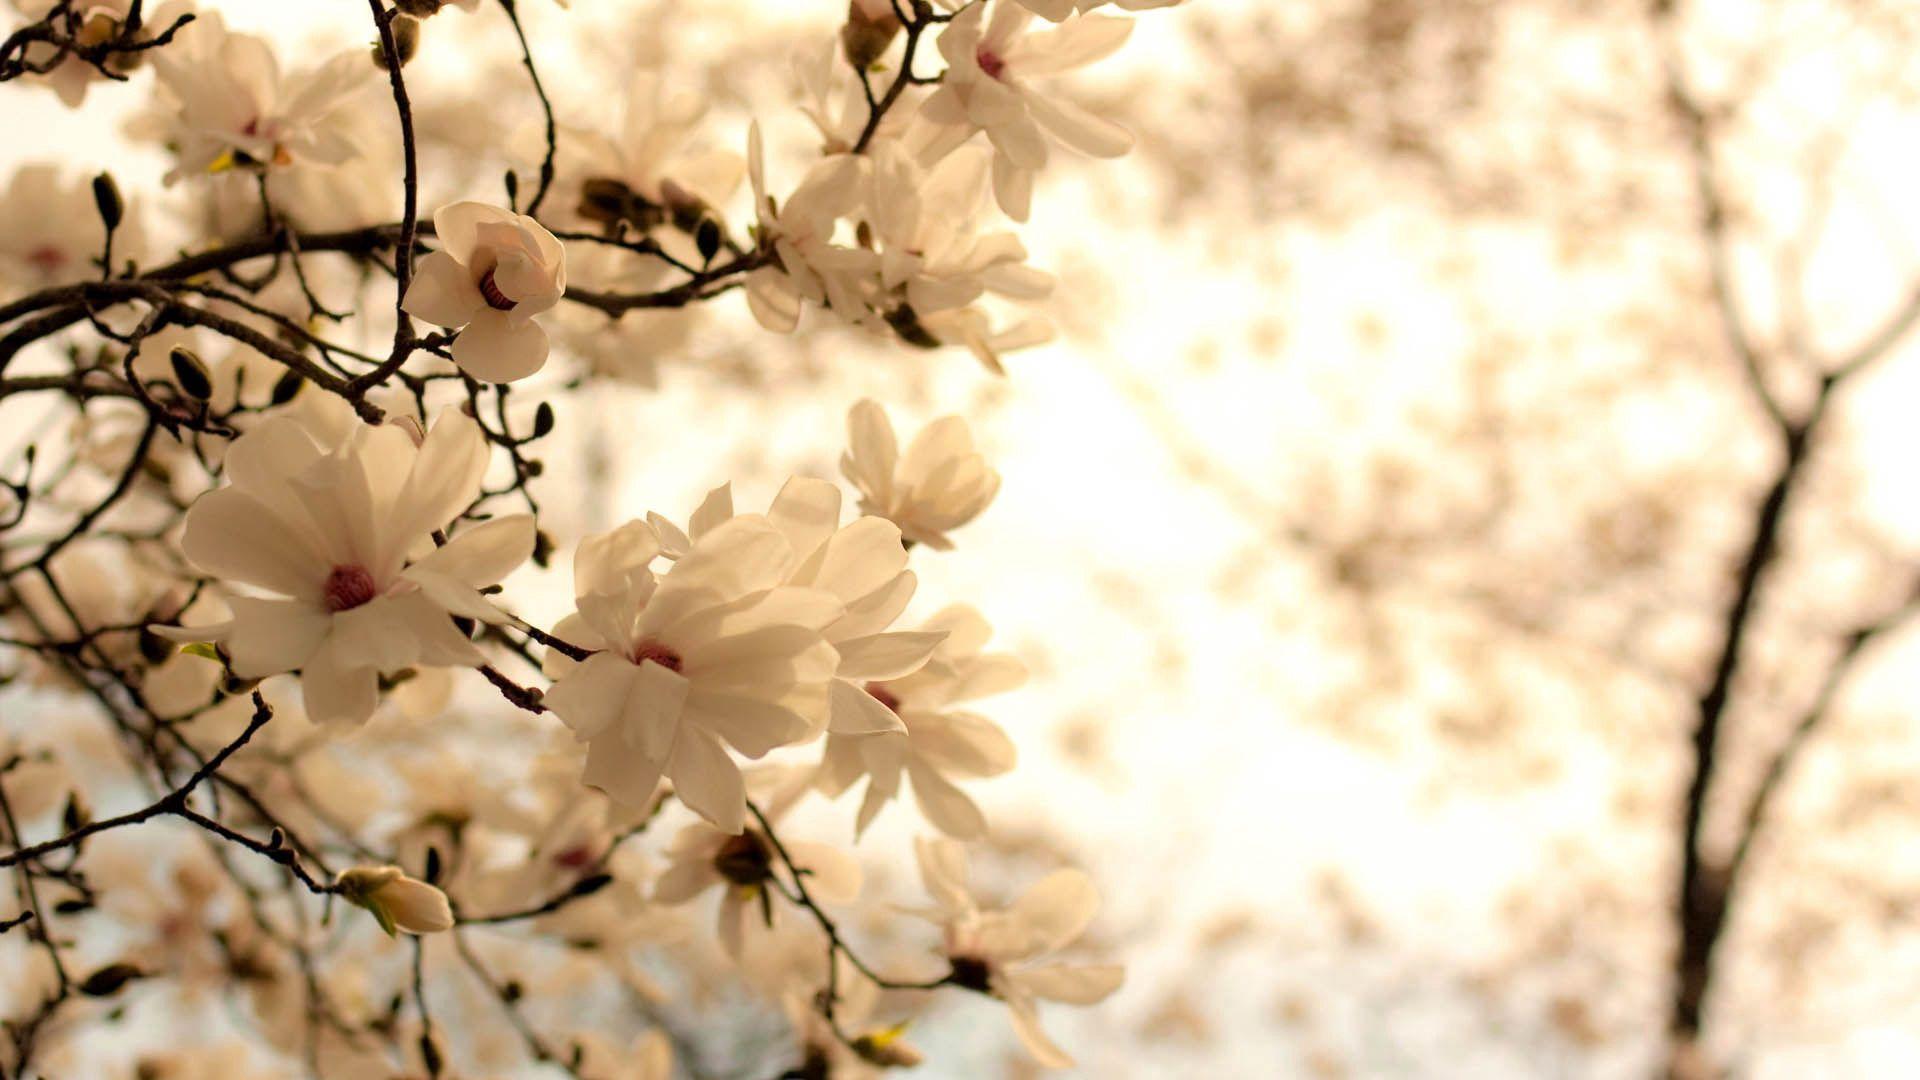 59890 скачать обои Цветы, Цветение, Ветка, Белый - заставки и картинки бесплатно